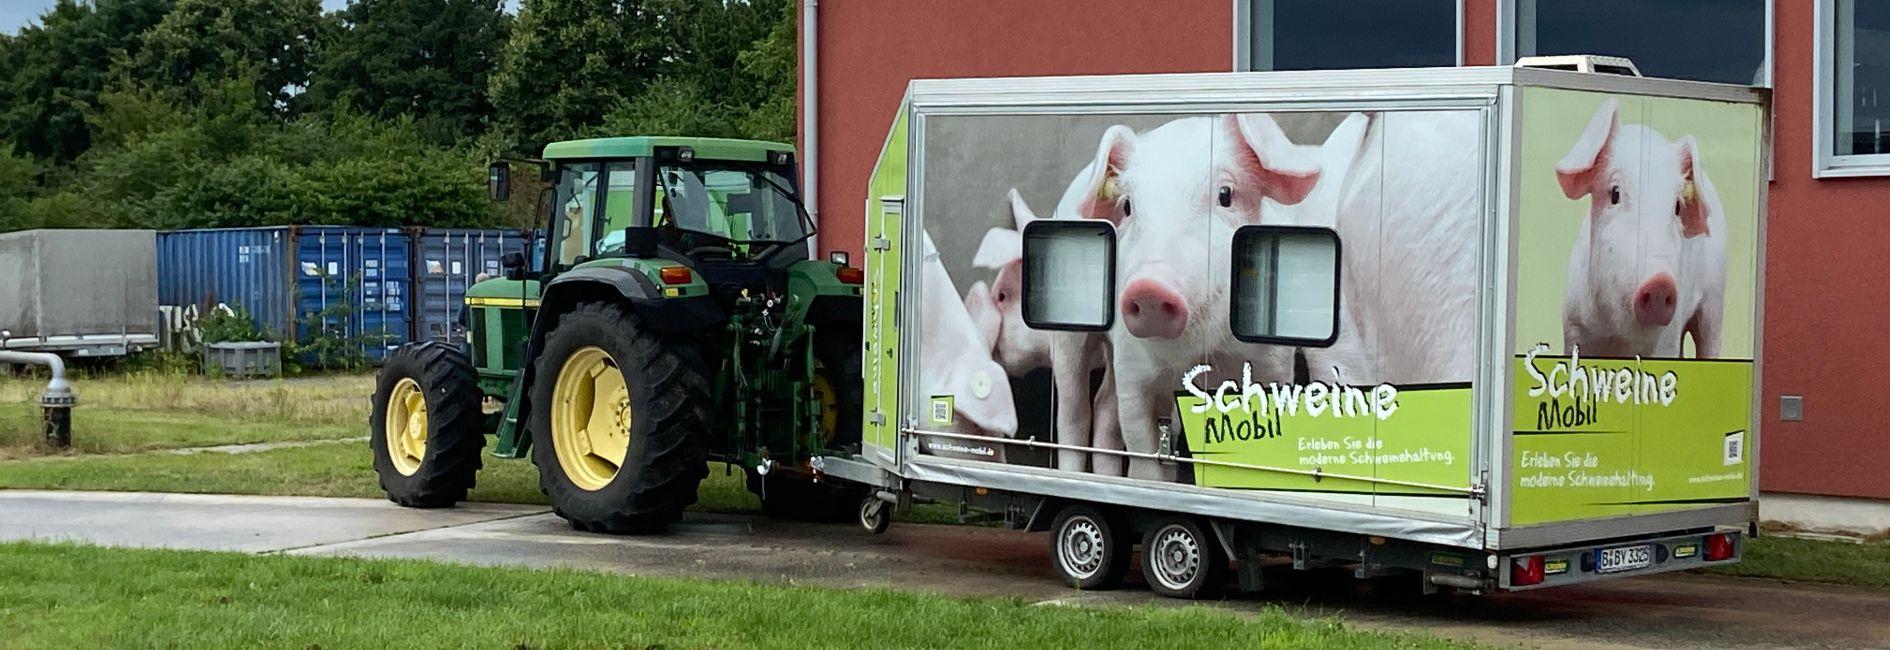 Traktor mit Schweinemobil